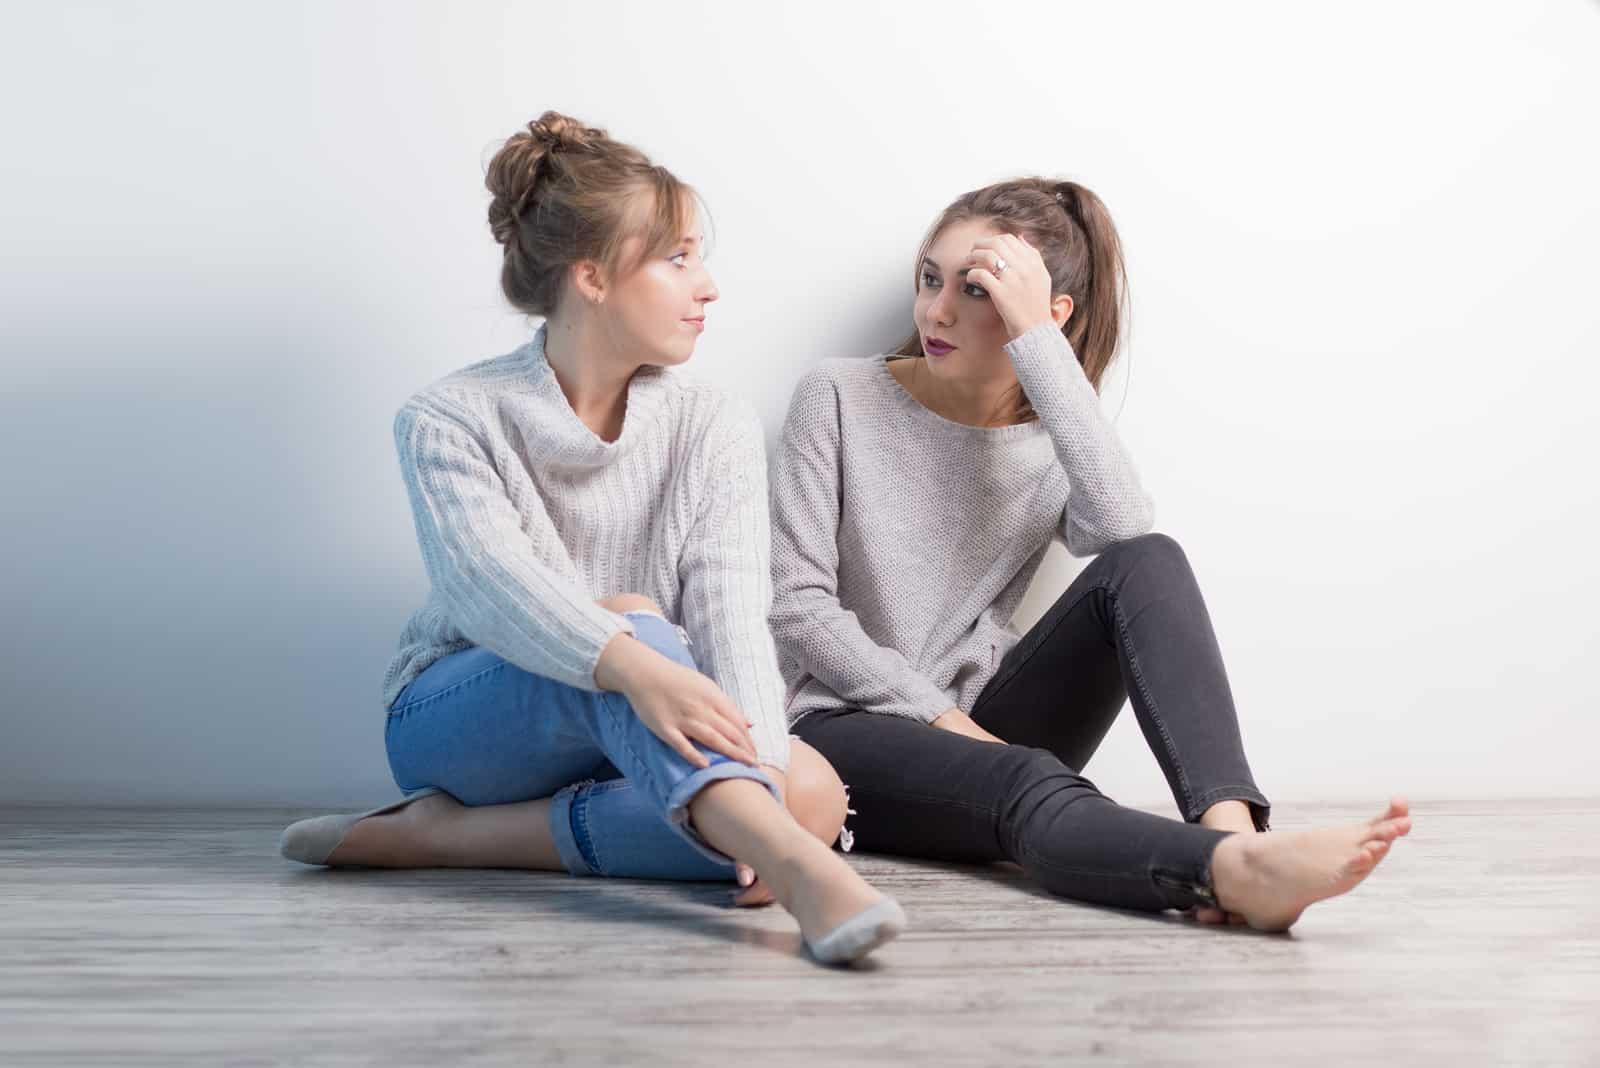 deux femmes s'assoient sur le sol et parlent